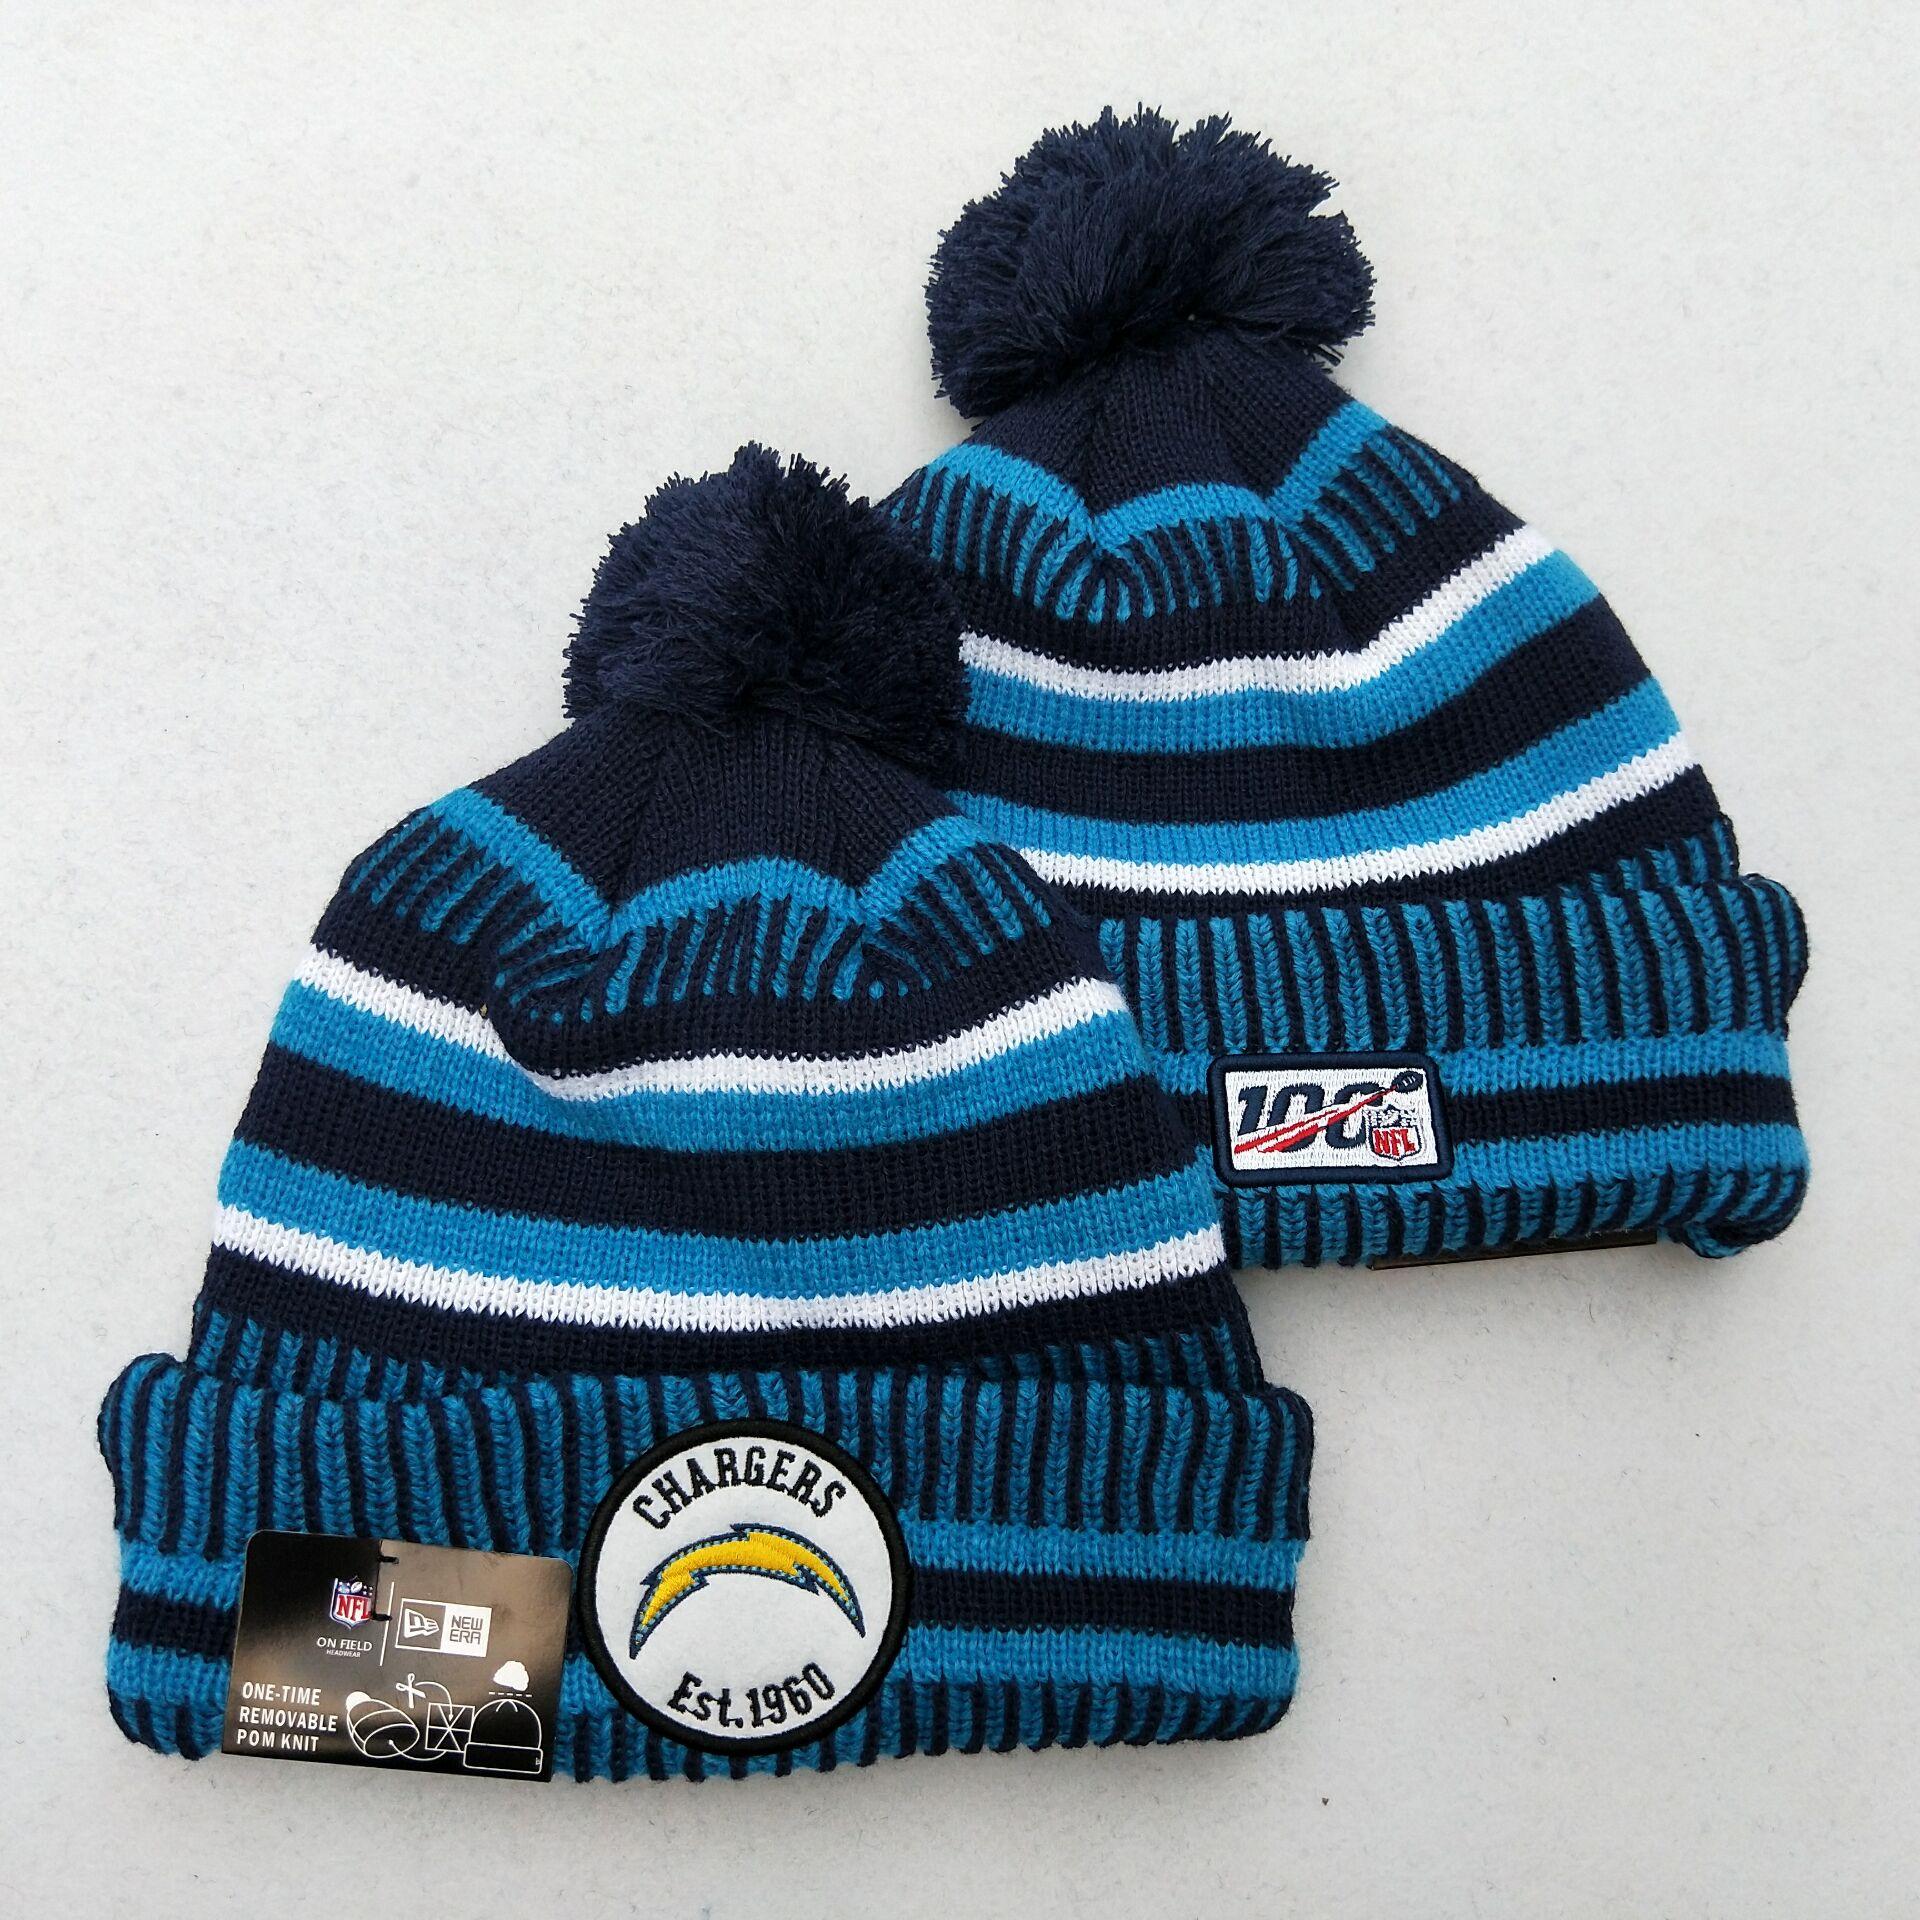 Chargers Team Logo Blue 100th Season Pom Knit Hat YD